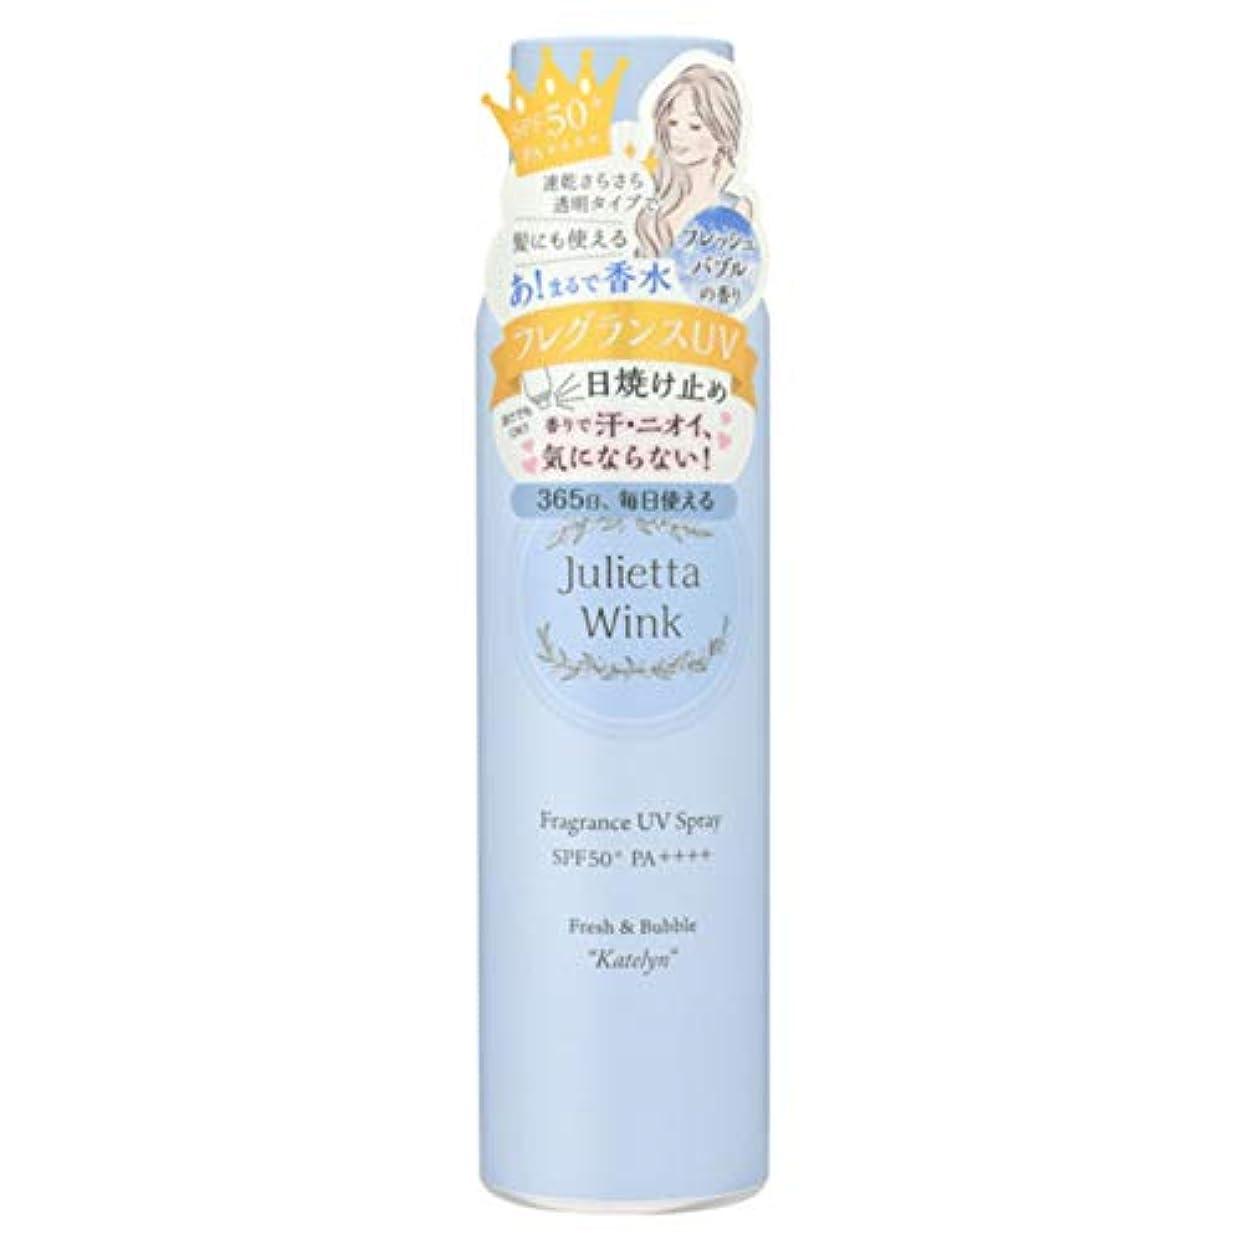 朝の体操をする超えて中央ジュリエッタウィンク フレグランス UVスプレー[ケイトリン]100g フレッシュバブルの香り(ブルー)